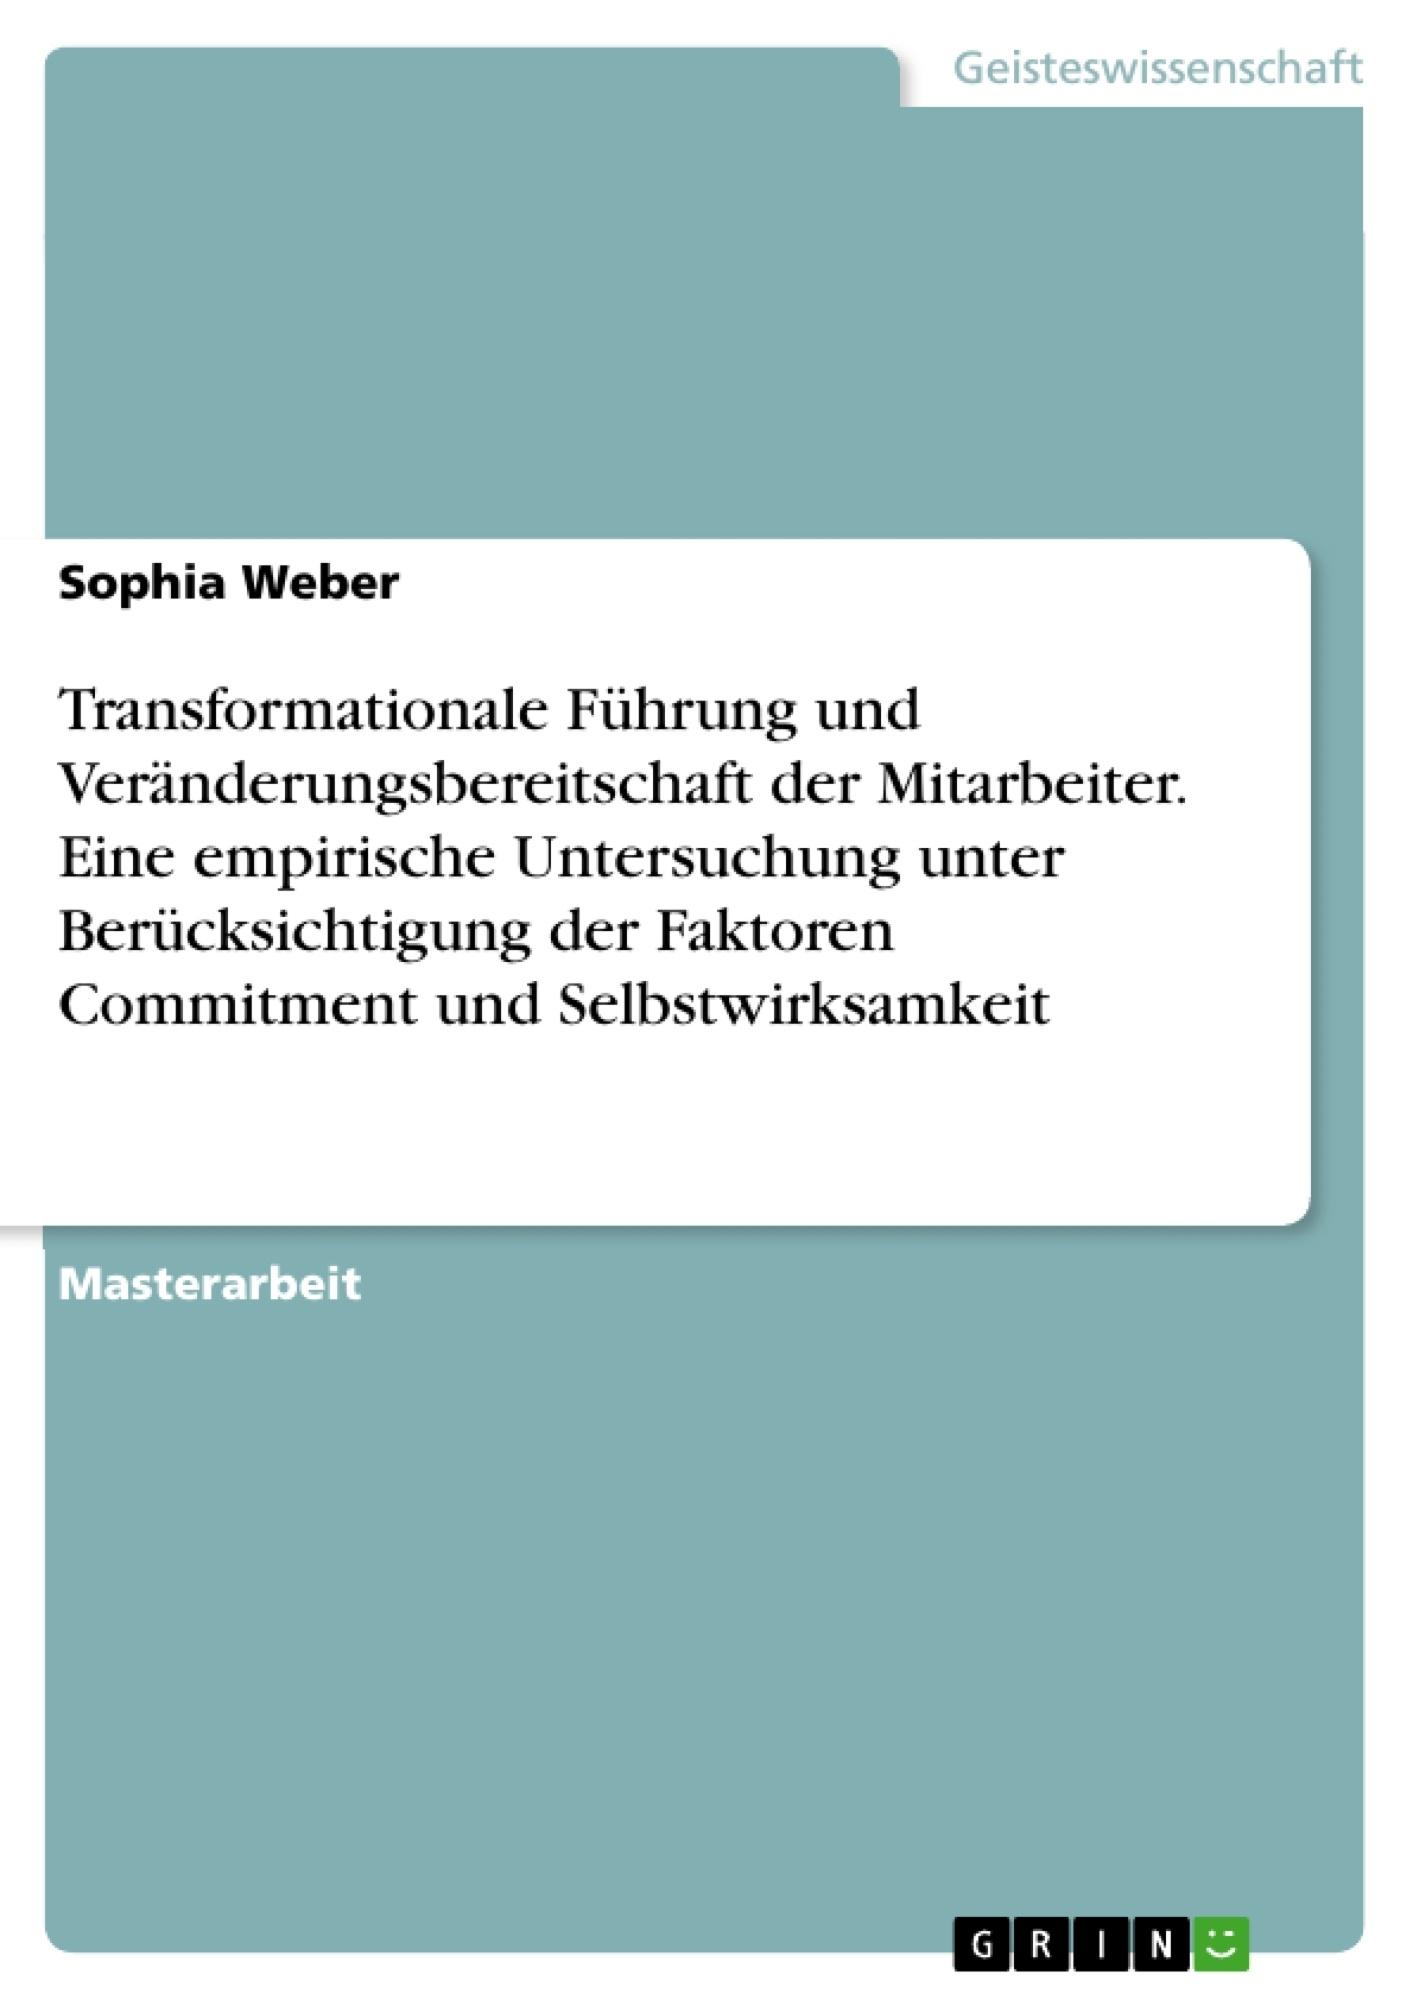 Titel: Transformationale Führung und Veränderungsbereitschaft der Mitarbeiter. Eine empirische Untersuchung unter Berücksichtigung der Faktoren Commitment und Selbstwirksamkeit